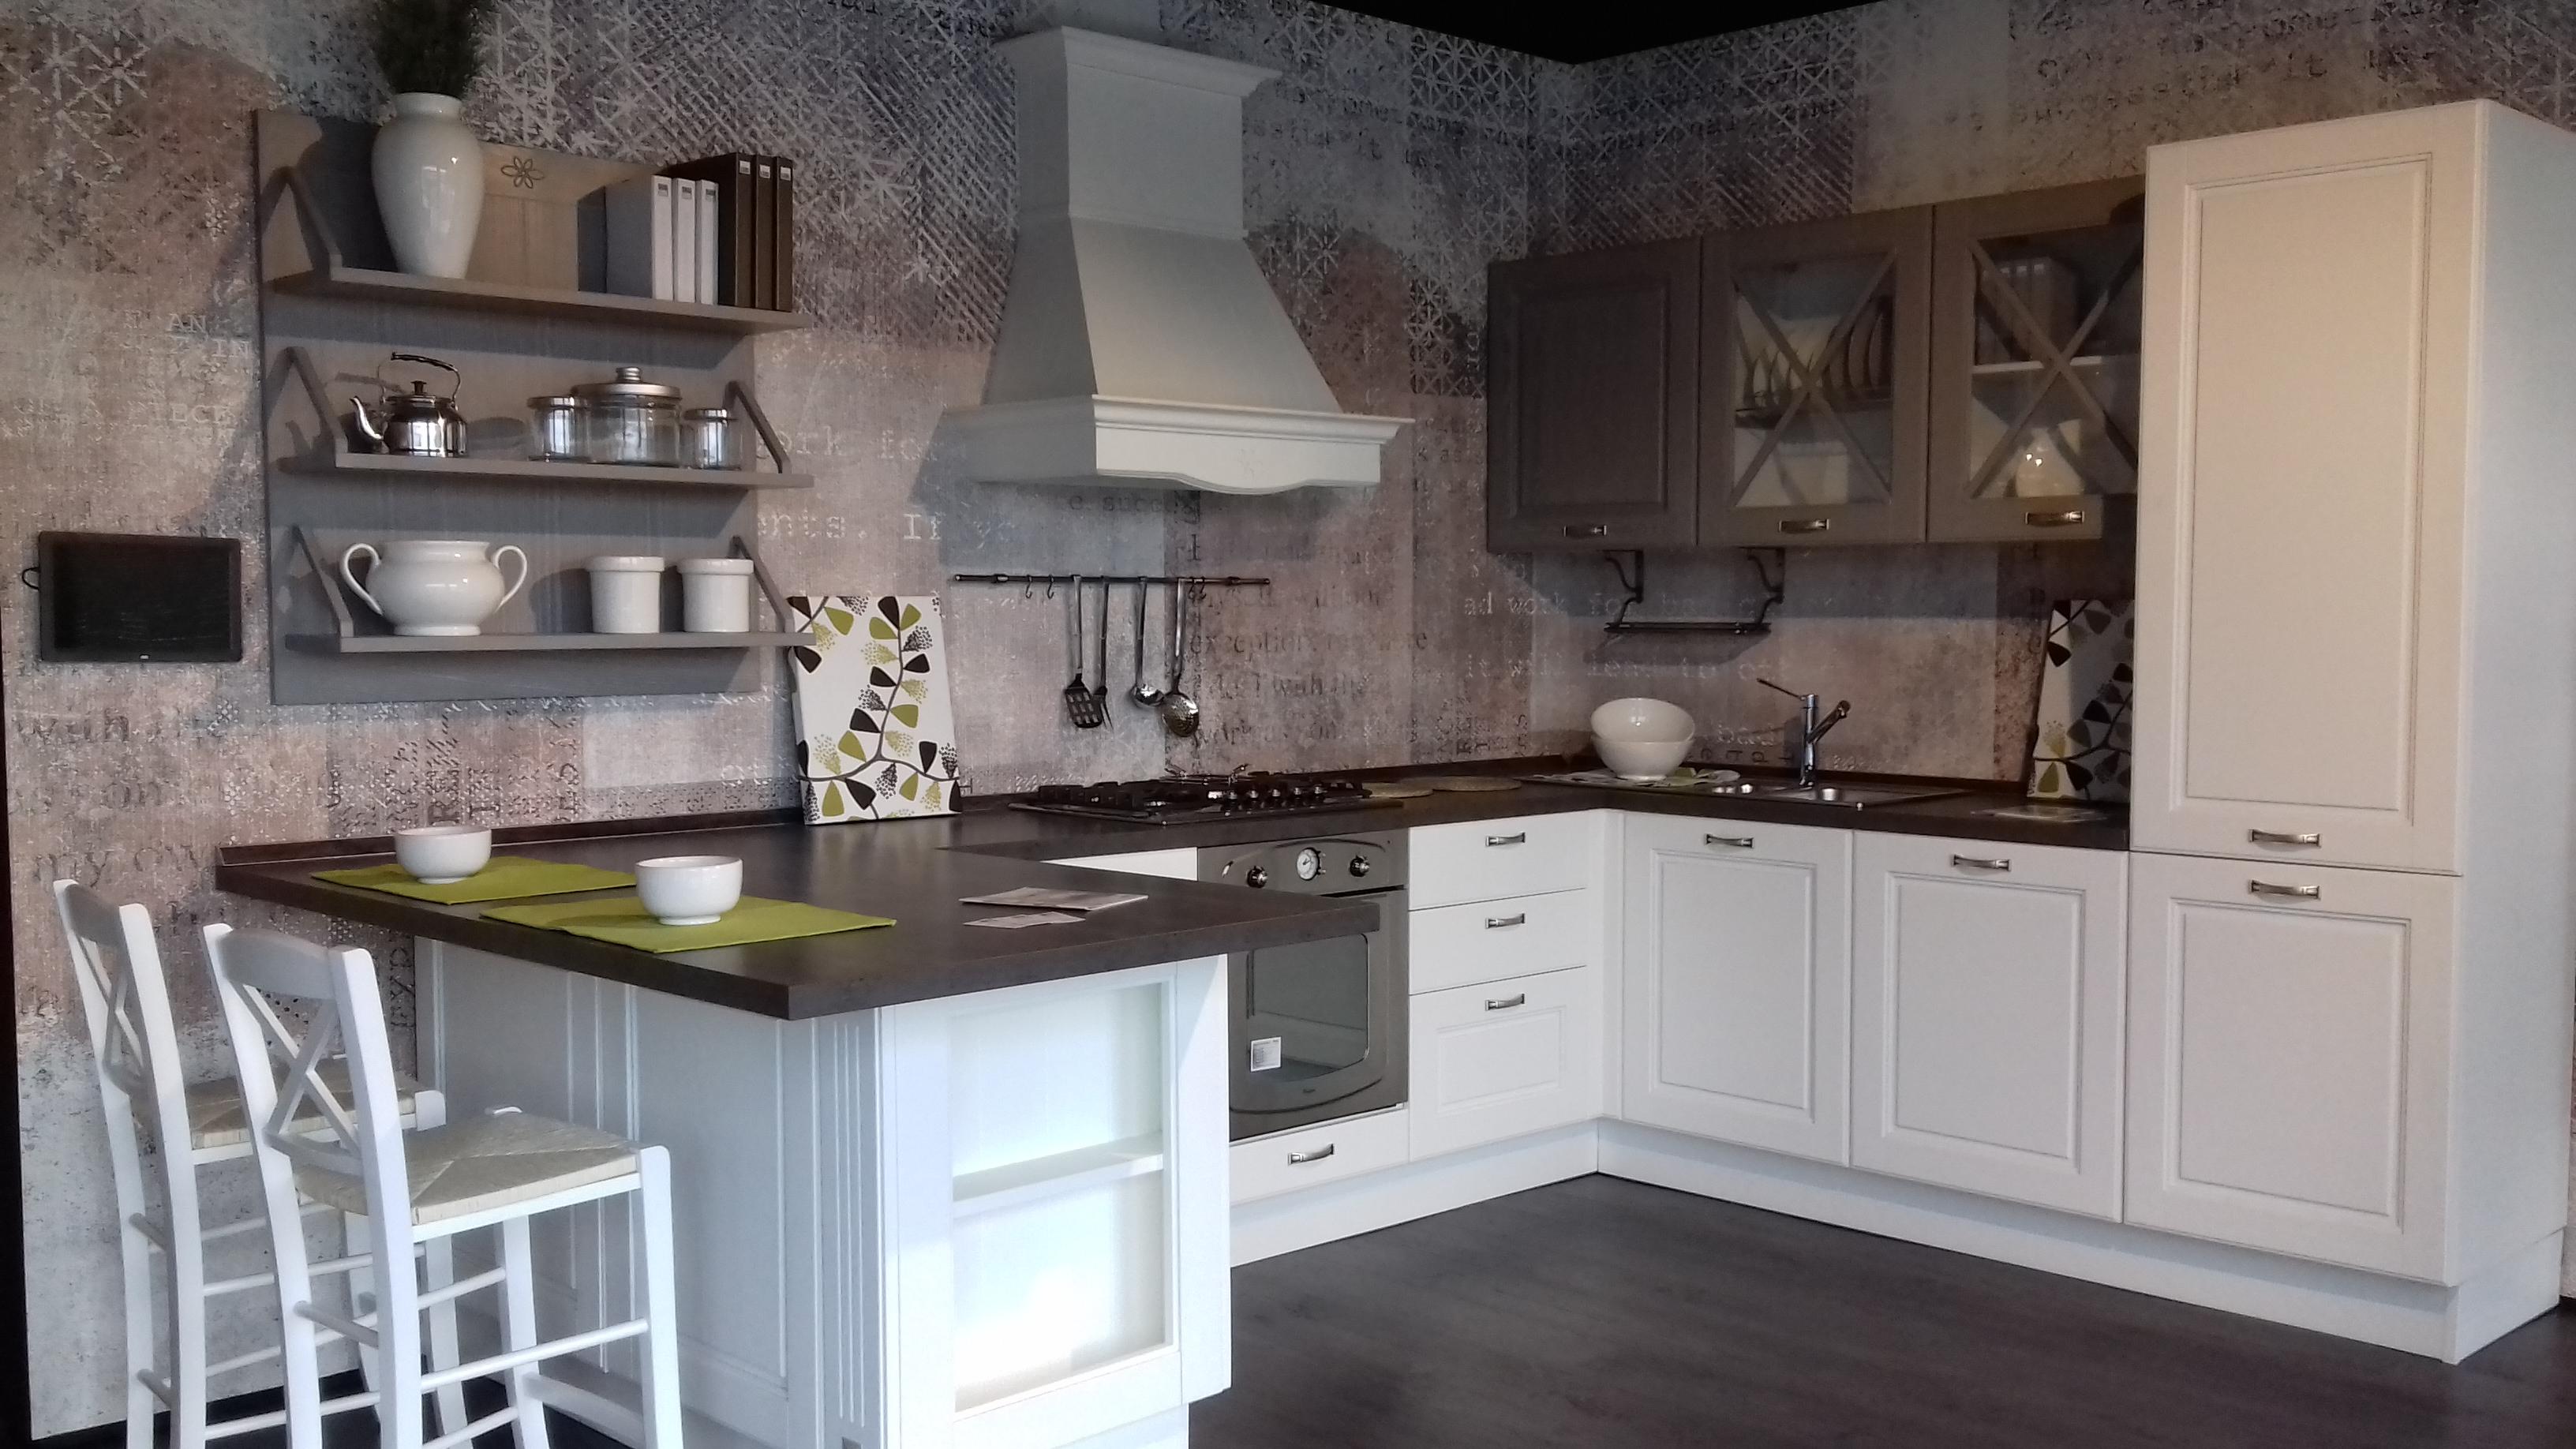 Nuovo Concept Store Cucine Lube a Brescia - Cucine Lube